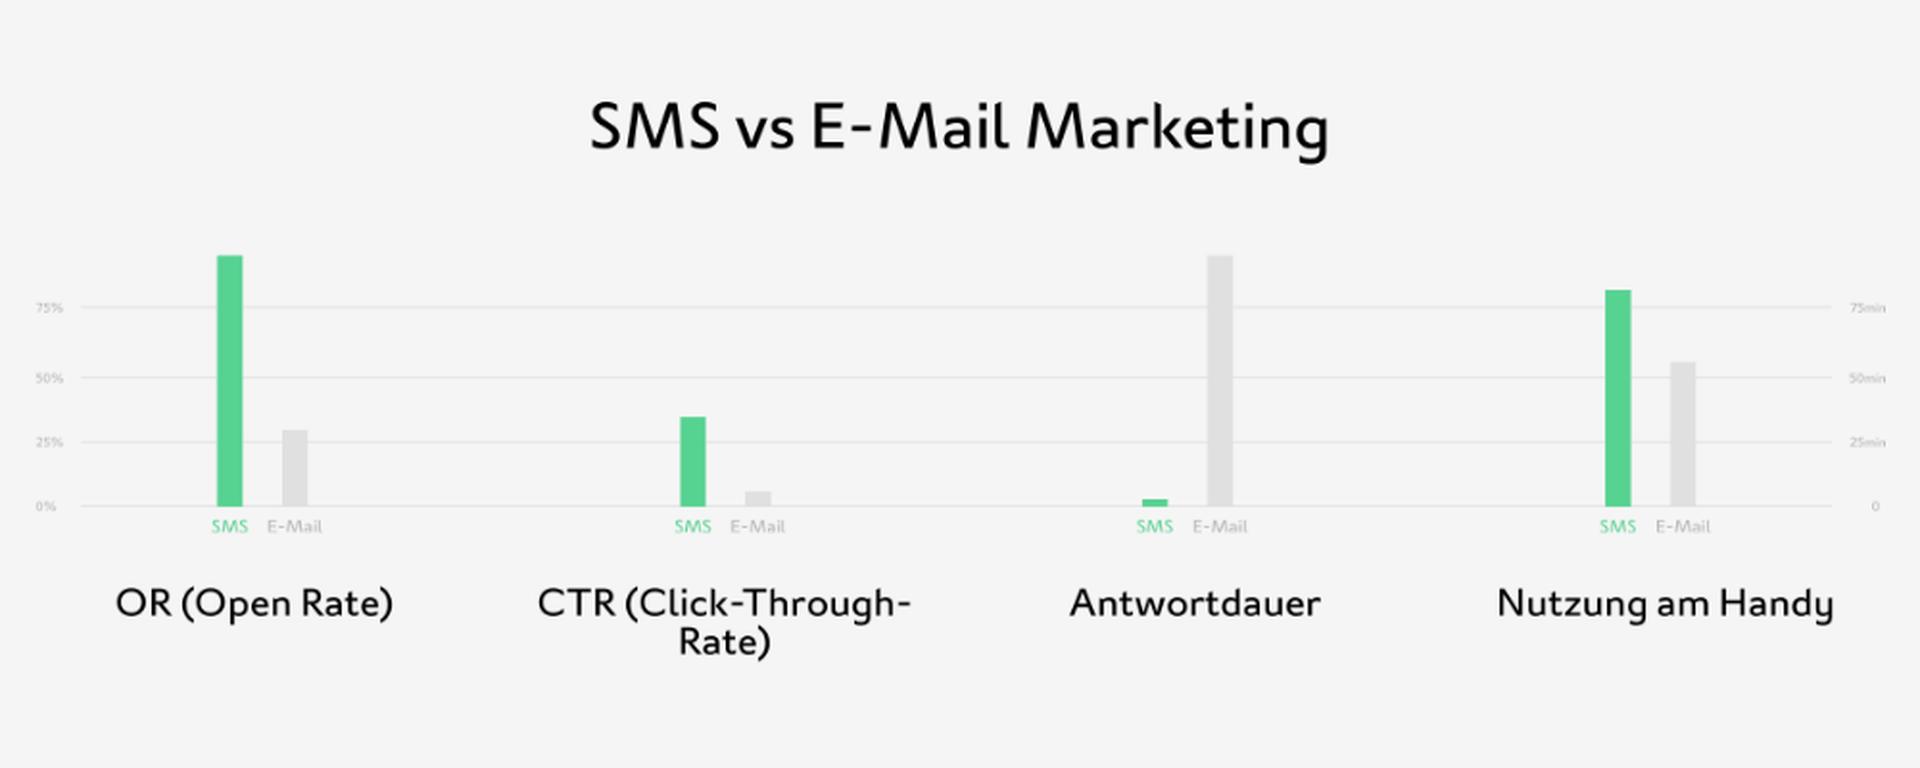 LINK Mobility -  Statistik zeigt, dass SMS bei Öffnungs- und Klickraten gegenüber E-Mail klar die Nase vorne hat